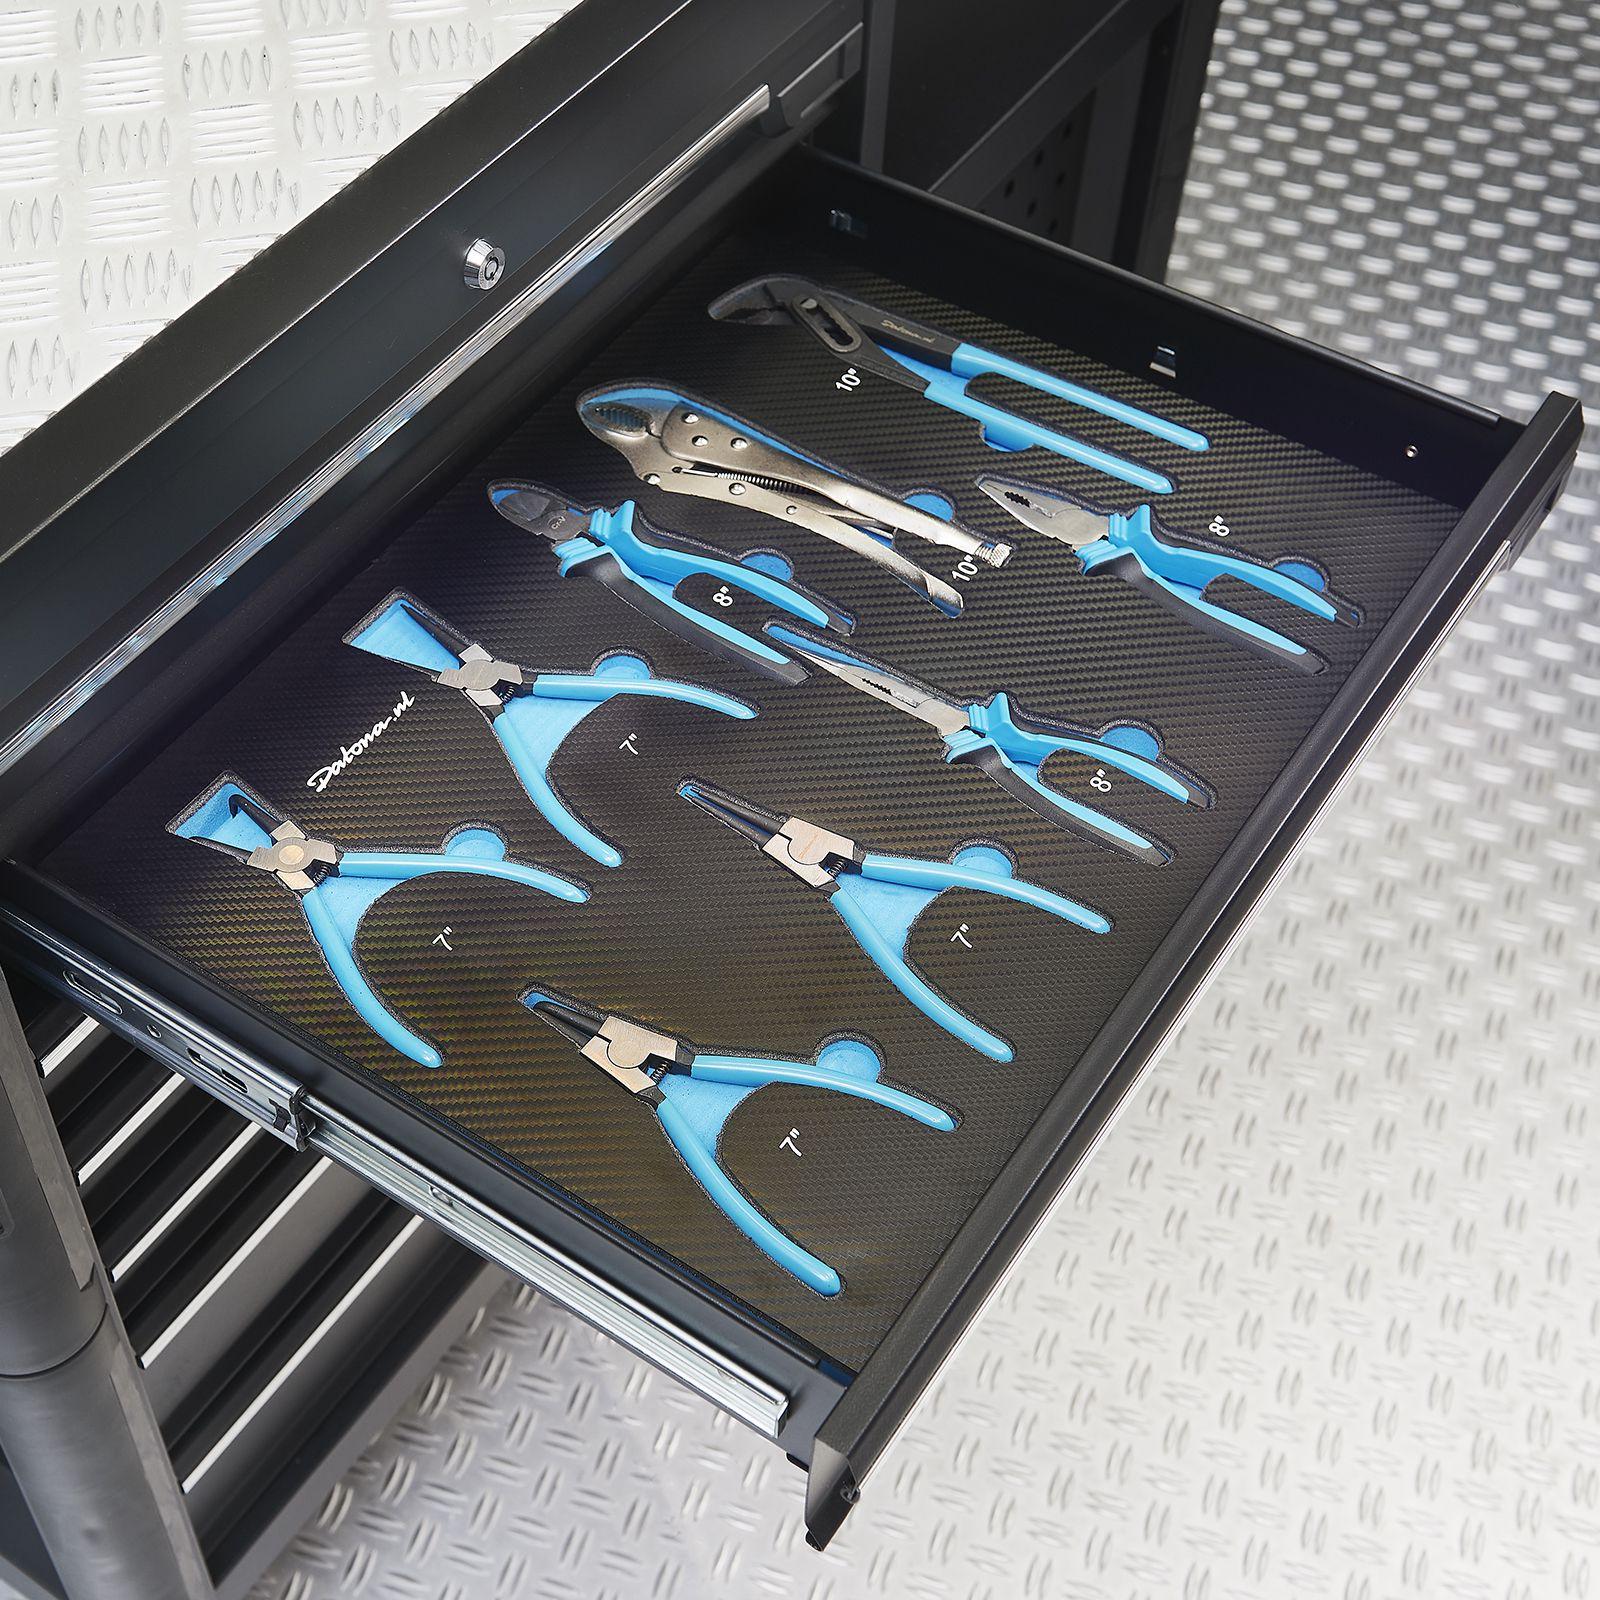 9 tangen in lade van kist